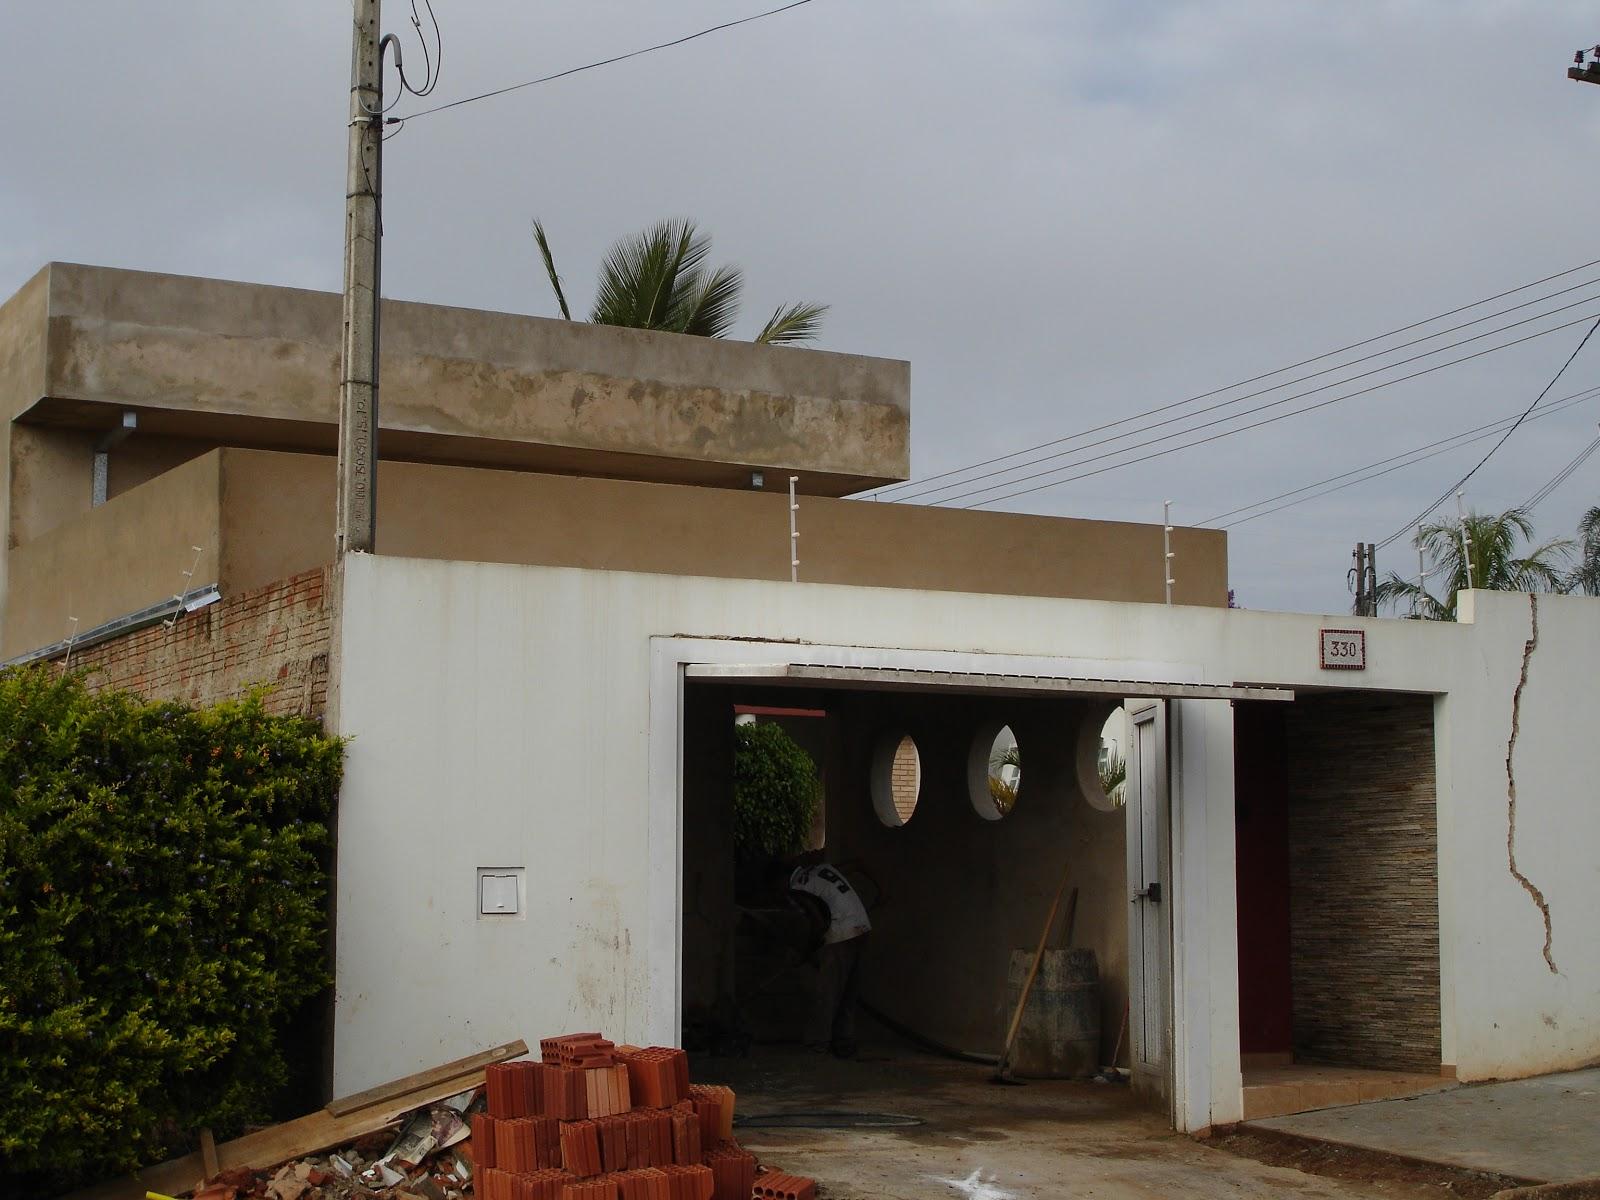 São Manuel Patricia Lanza Arquiteta Projetos construção #65442C 1600 1200